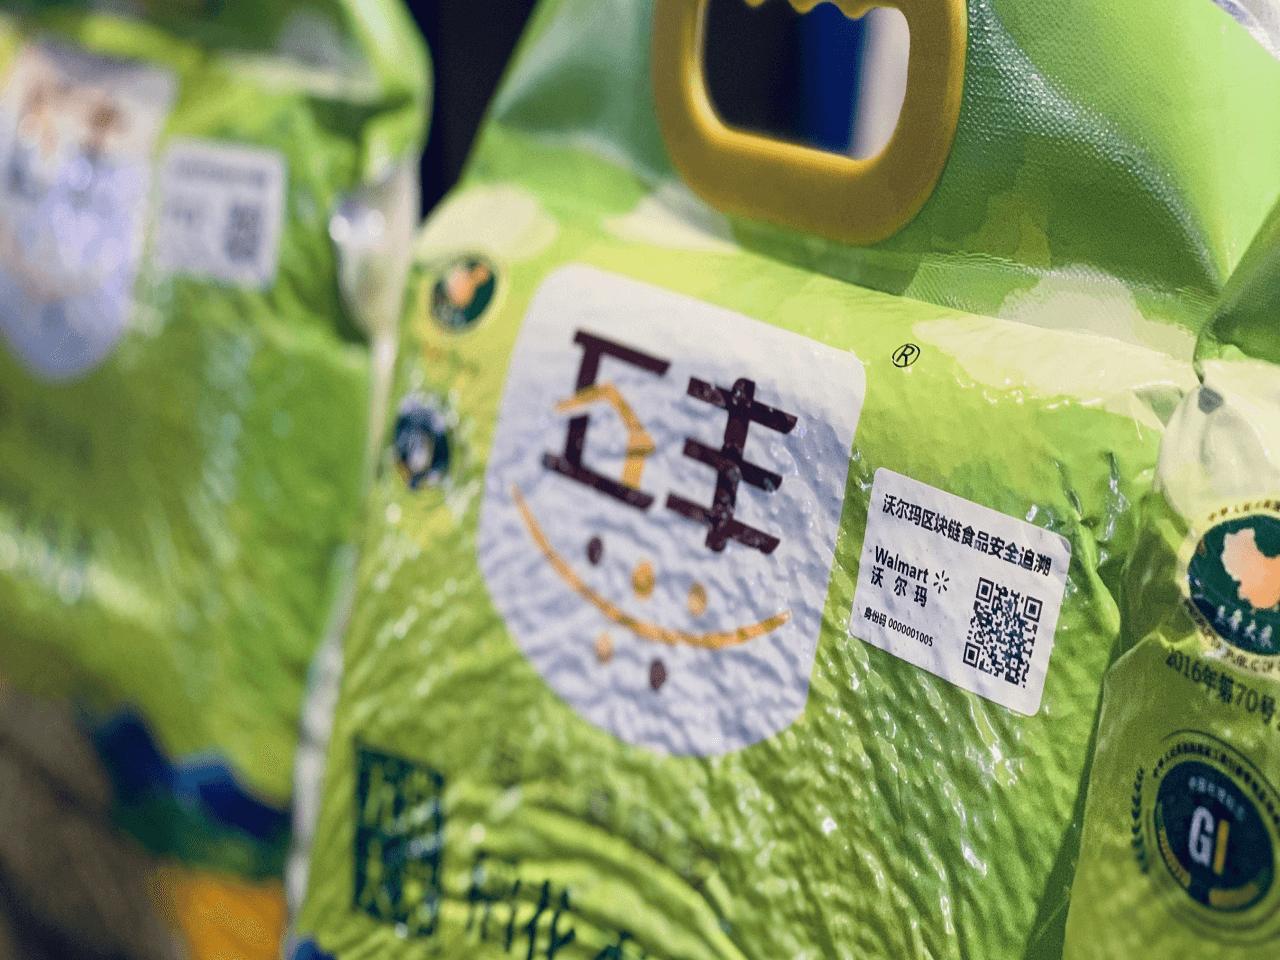 Rusya Bazı Ürünlerdeki Zorunlu Etiket Uygulamasını Erteledi